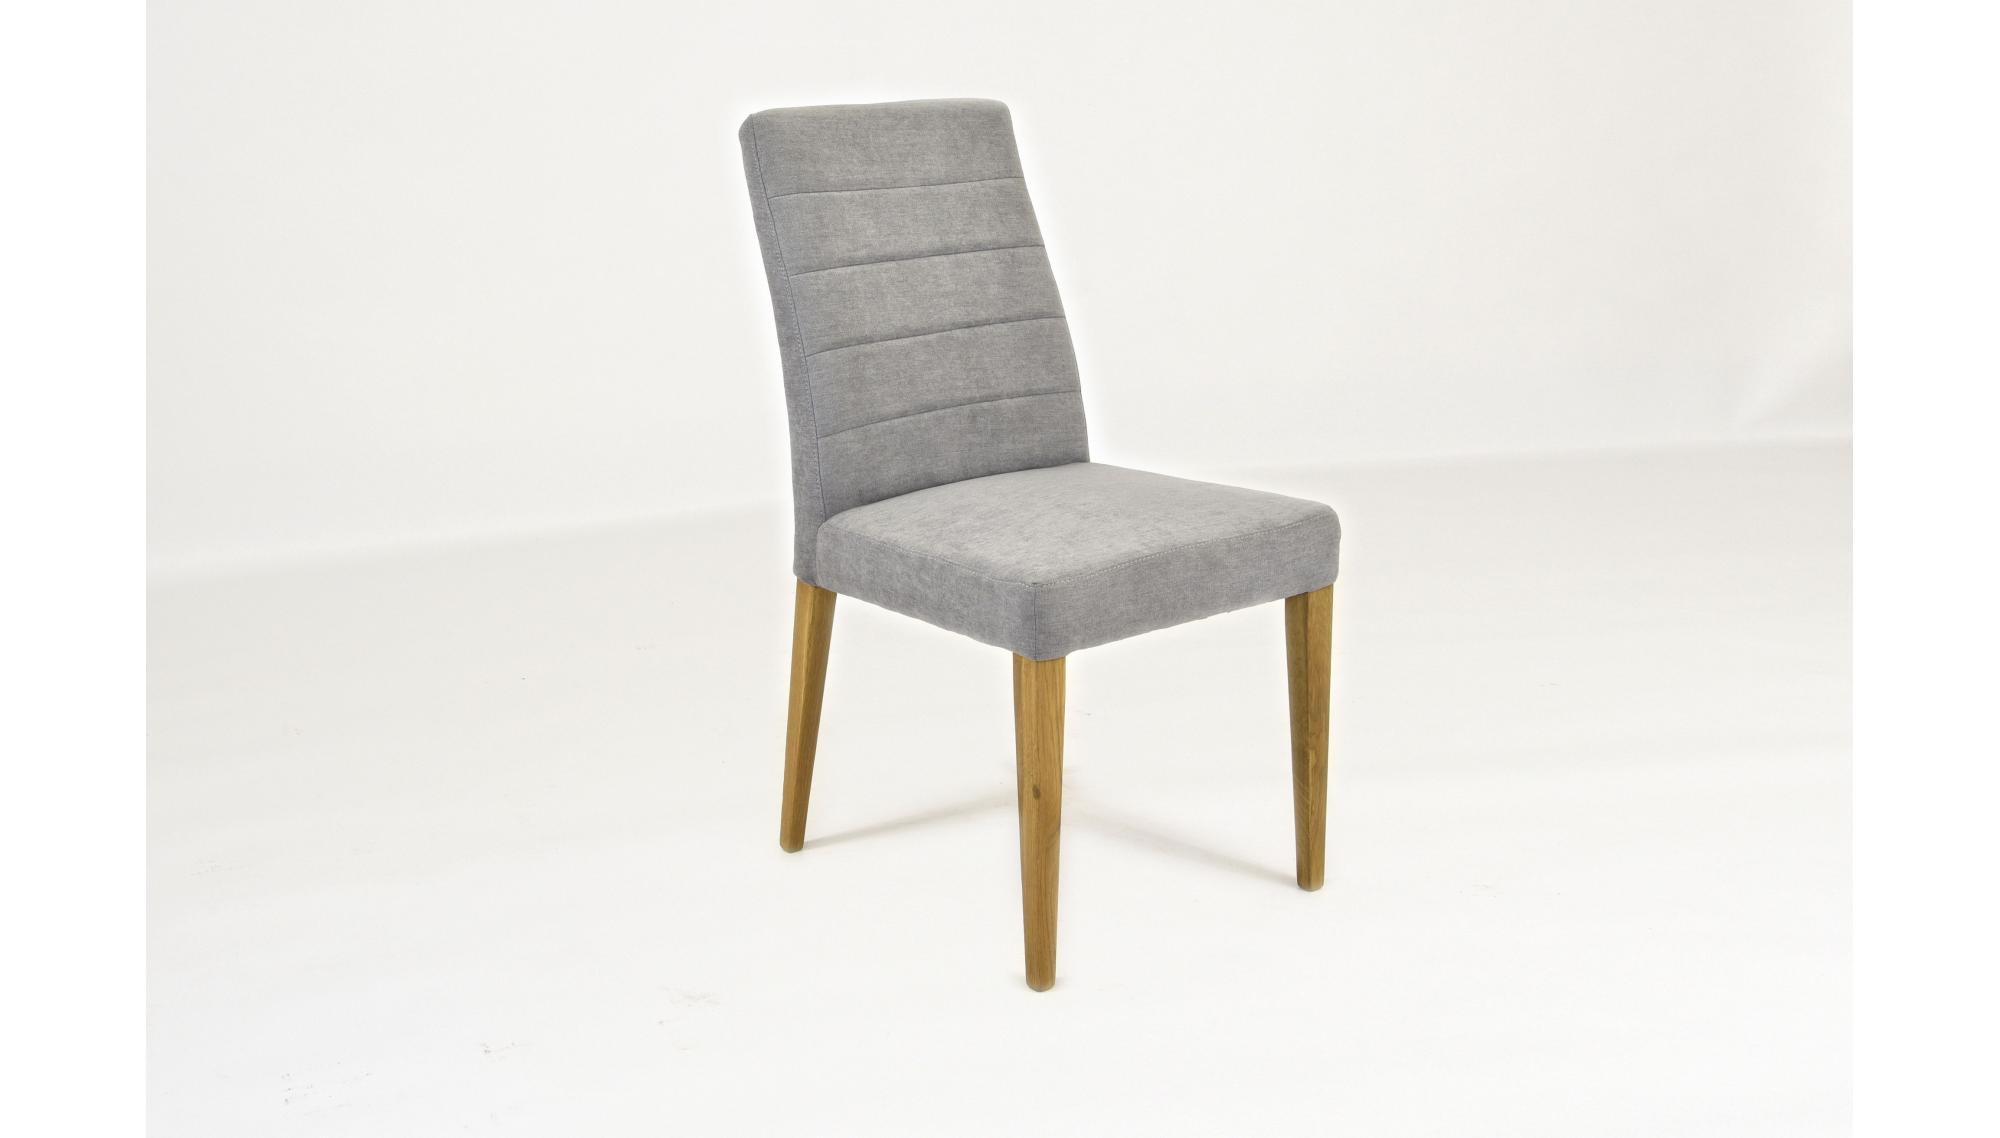 esstisch 140 x 90 cm 180 x 90 cm und esszimmerst hle. Black Bedroom Furniture Sets. Home Design Ideas